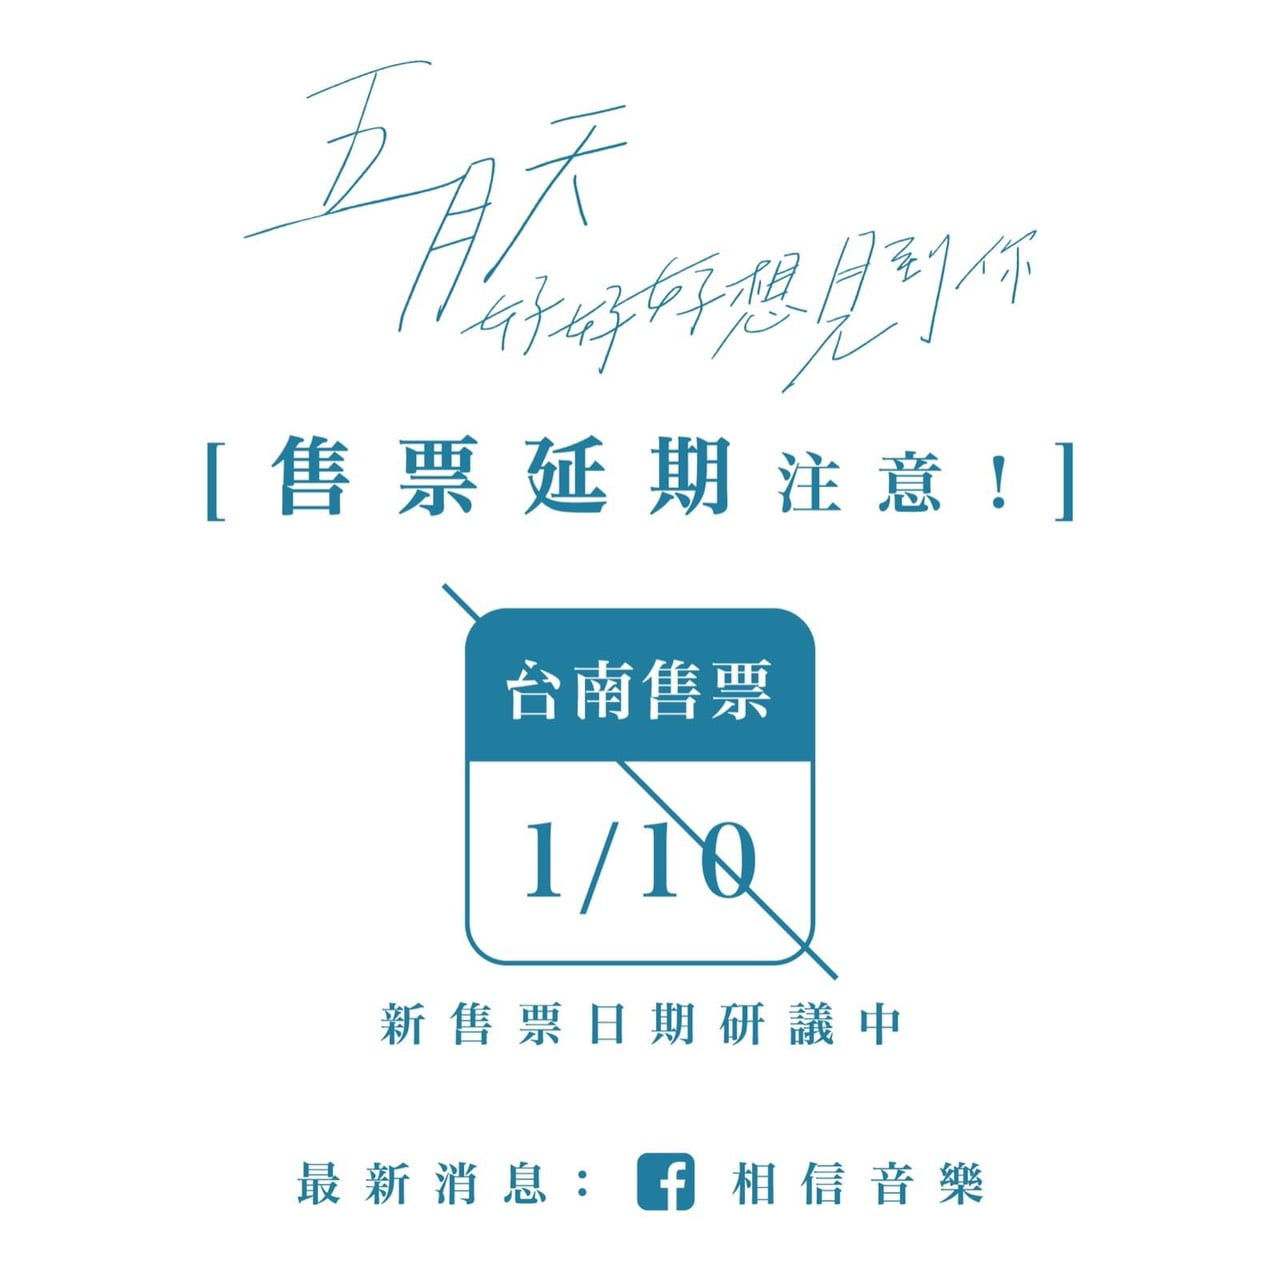 自主健康管理「五迷」入場看演唱會! 相信音樂宣布:台南5場開賣日全延期 - 台北郵報 | The Taipei Post